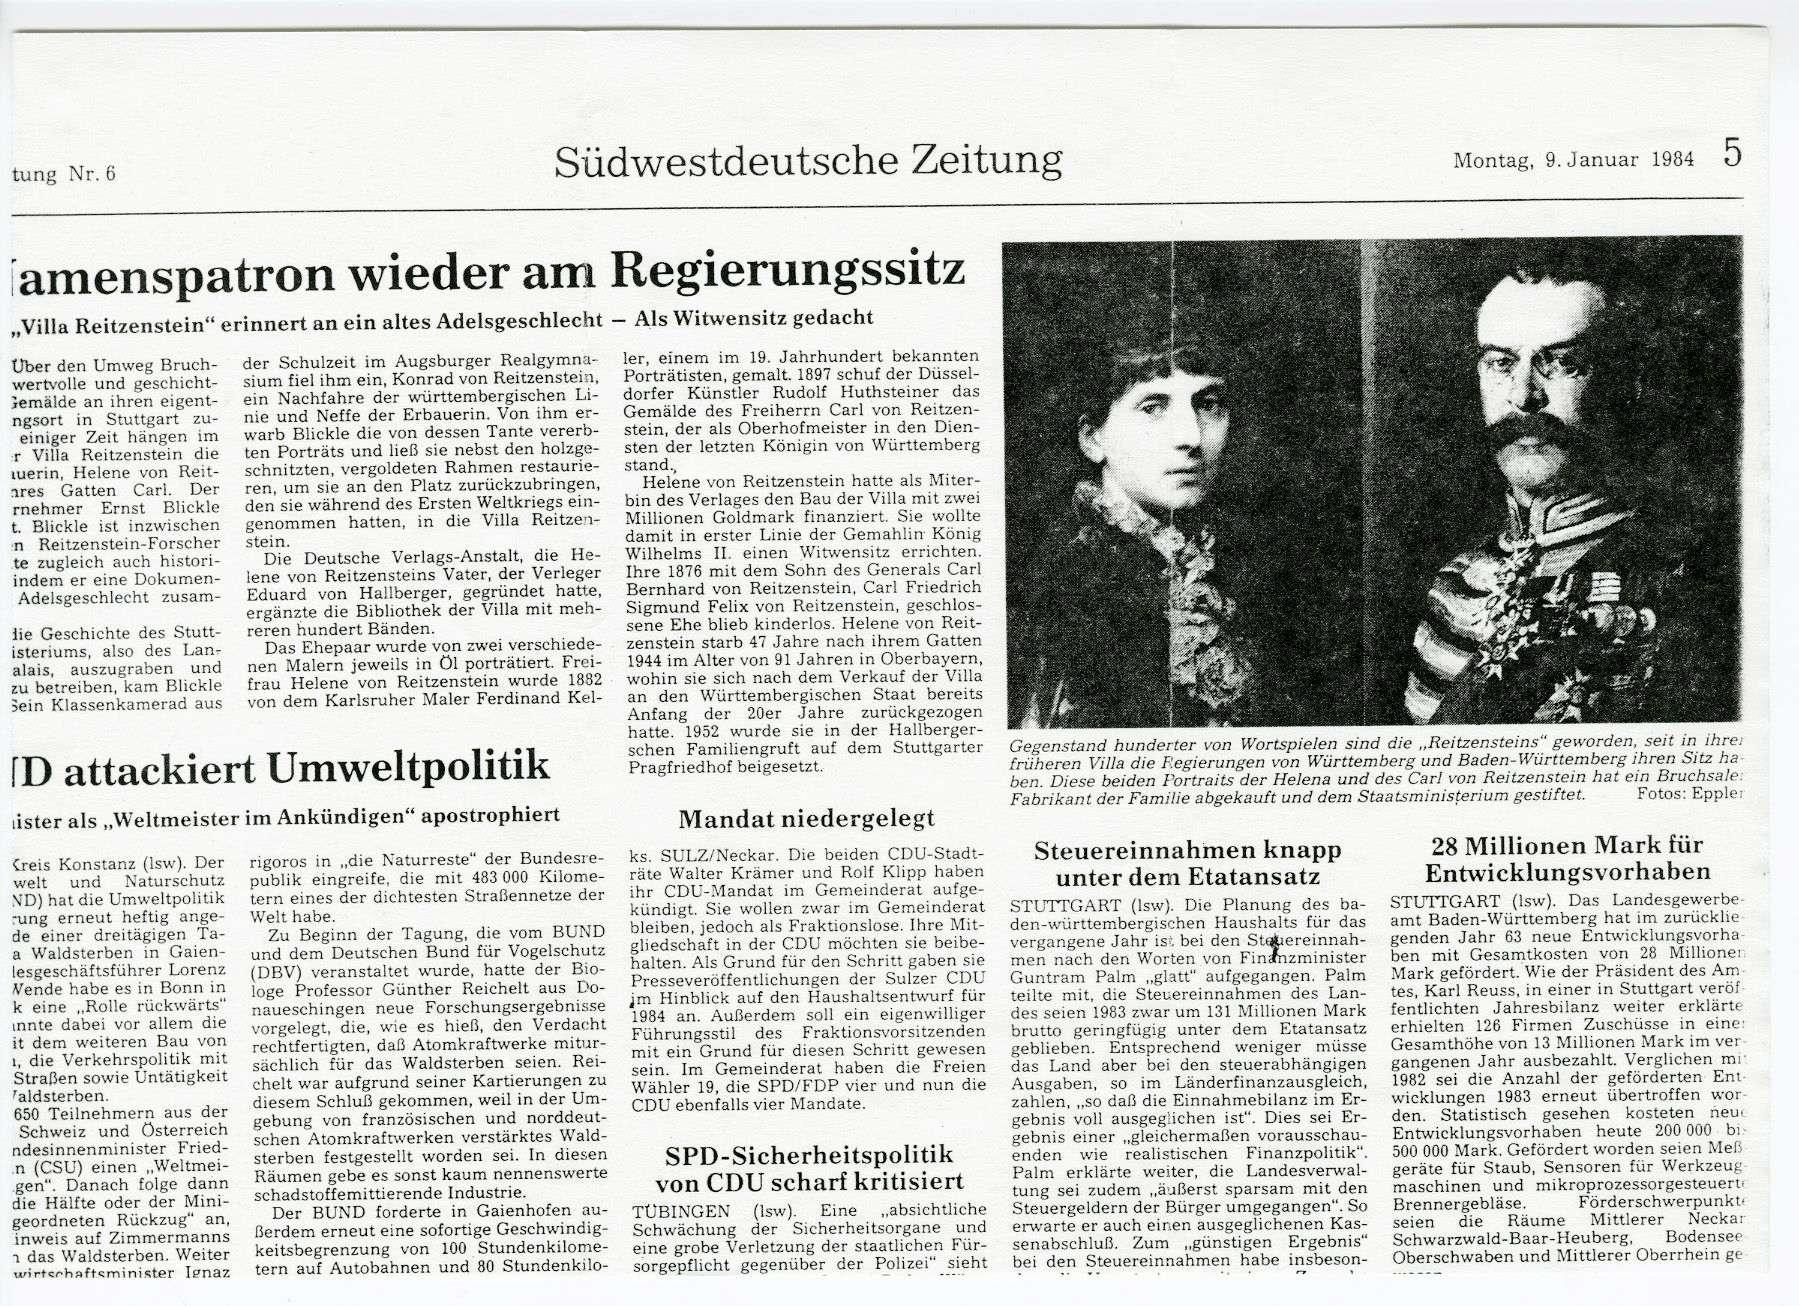 Reitzenstein, Karl Friedrich Felix Sigismund von, Freiherr, Bild 3